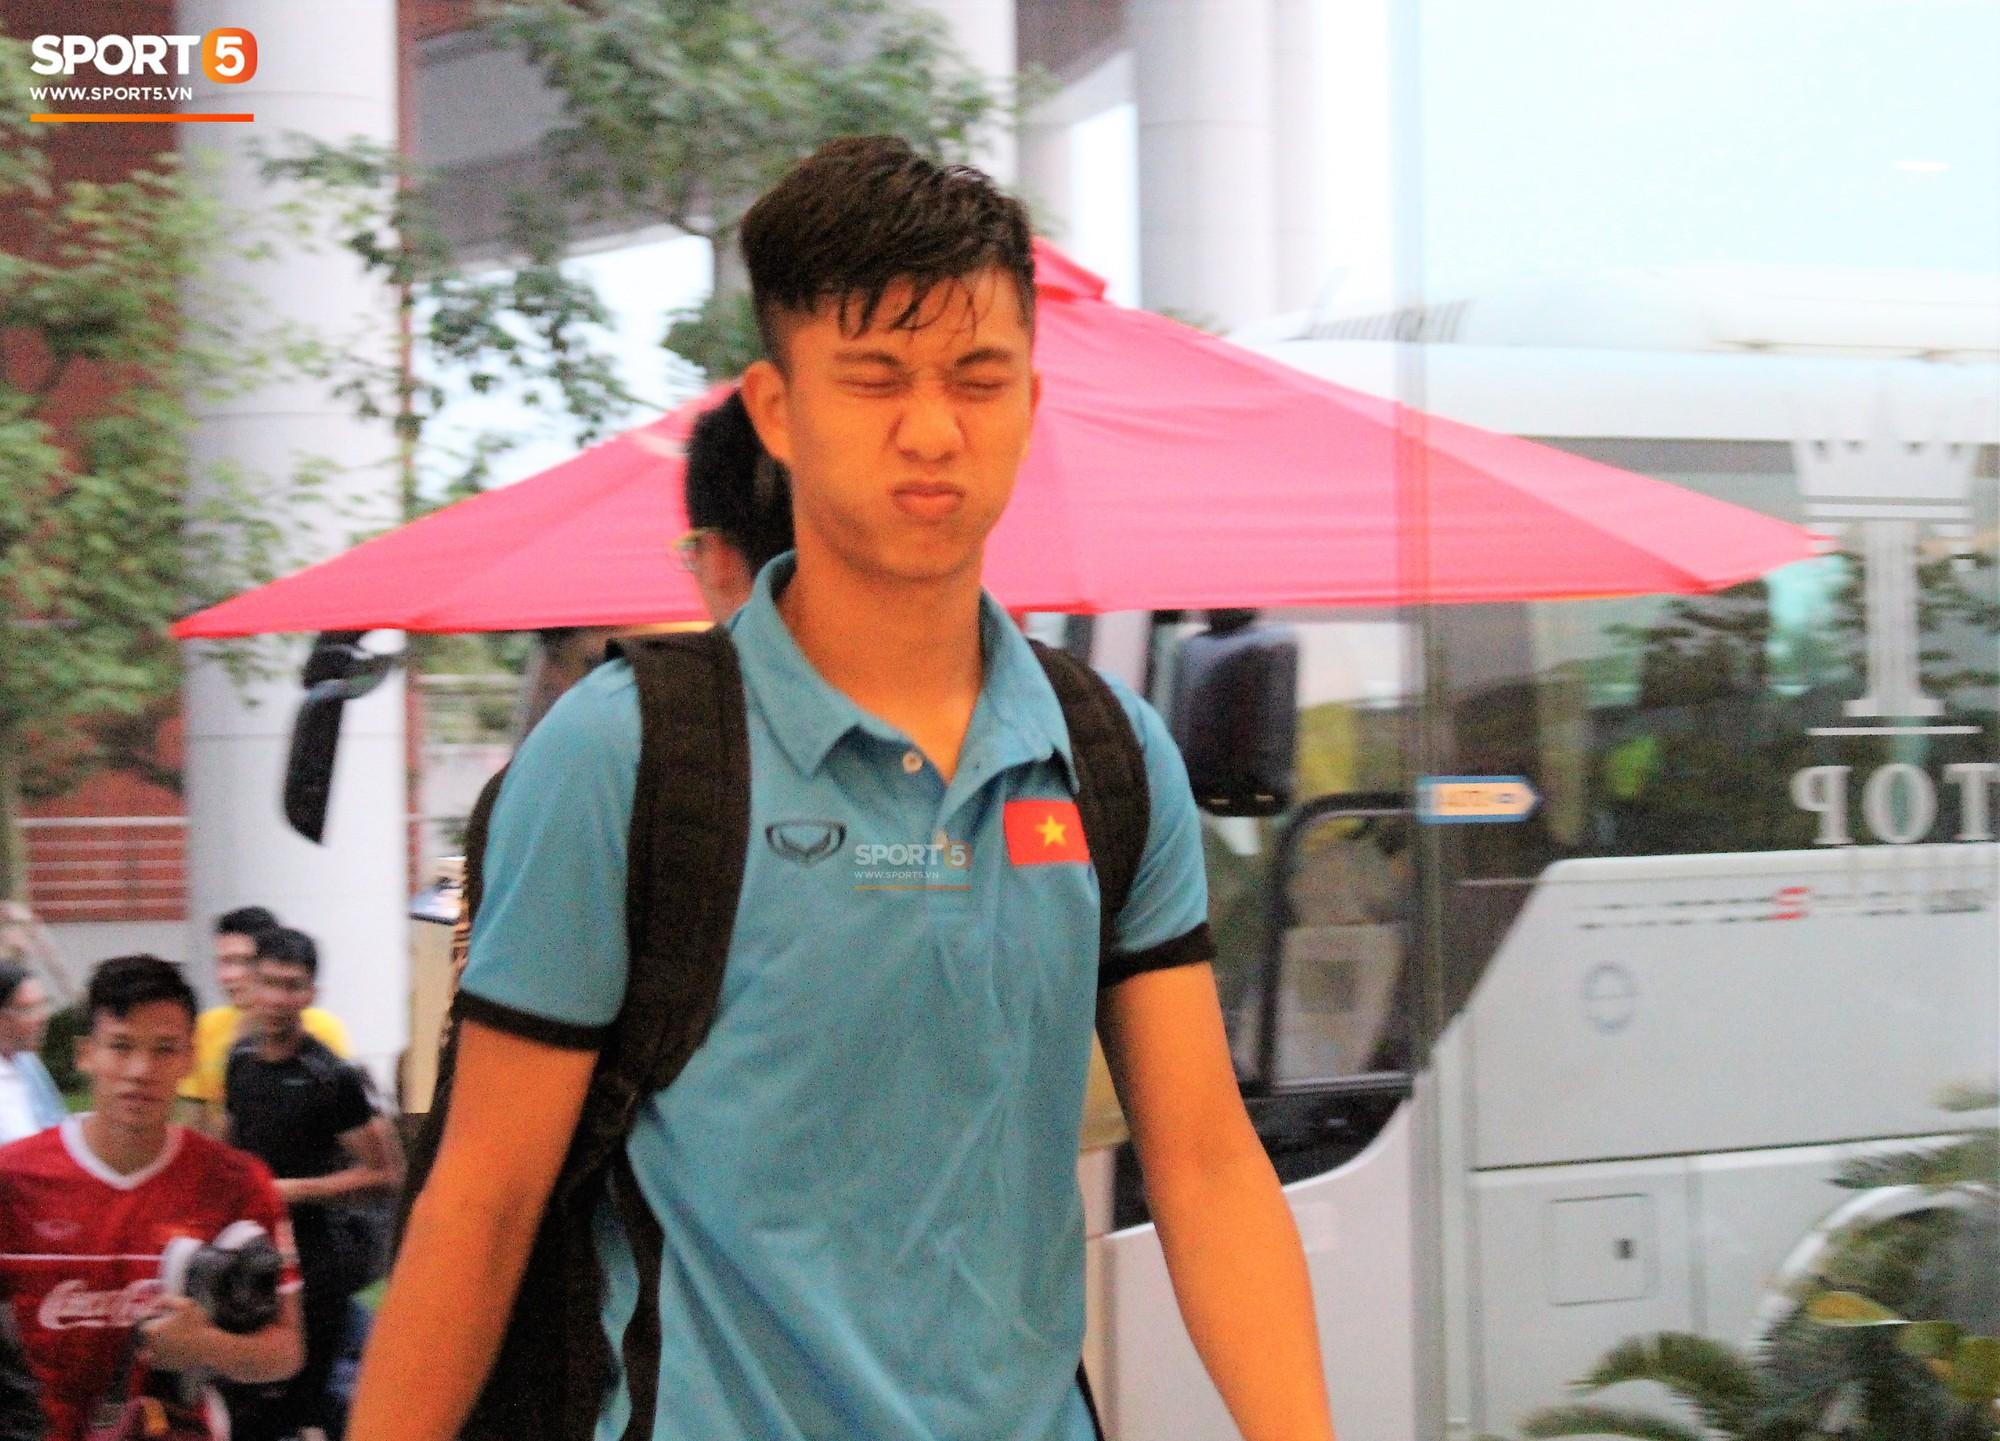 Hà Đức Chinh kêu trời vì đau bụng sau buổi tập đầu tiên cùng đội tuyển Việt Nam chuẩn bị cho AFF Cup 2018-6